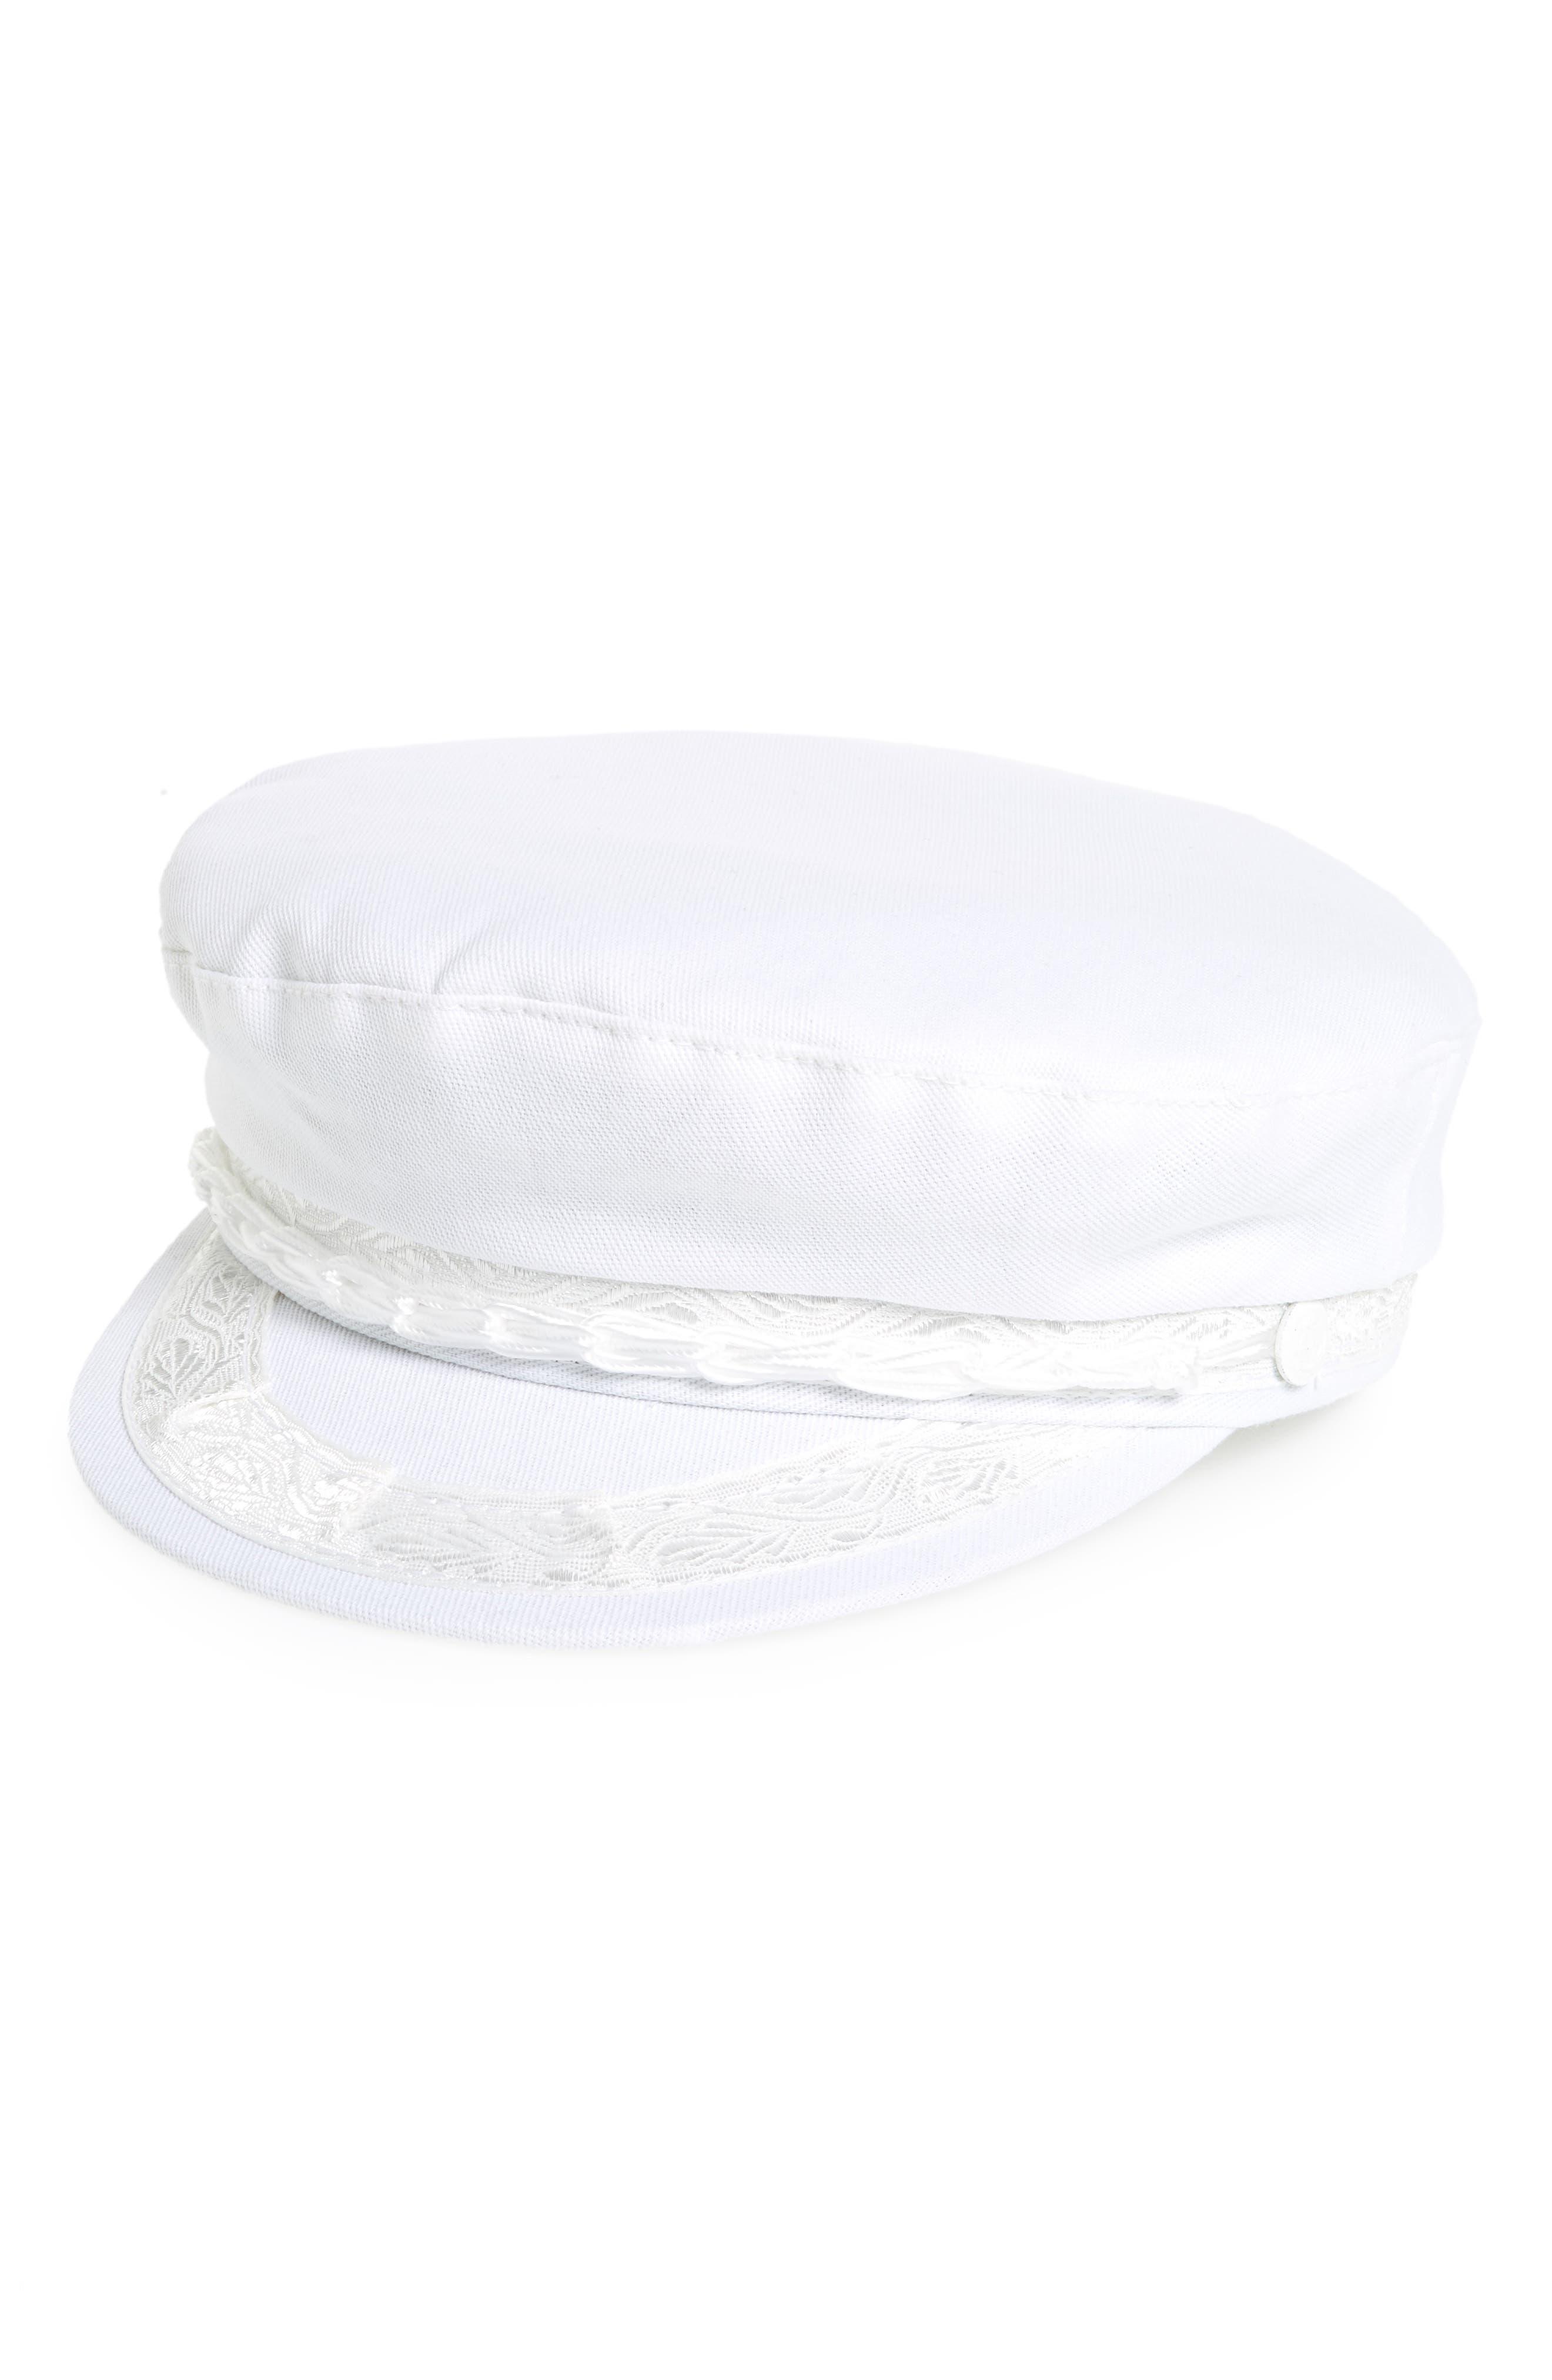 Brooklyn Hat Co Cotton Baker Boy Hat